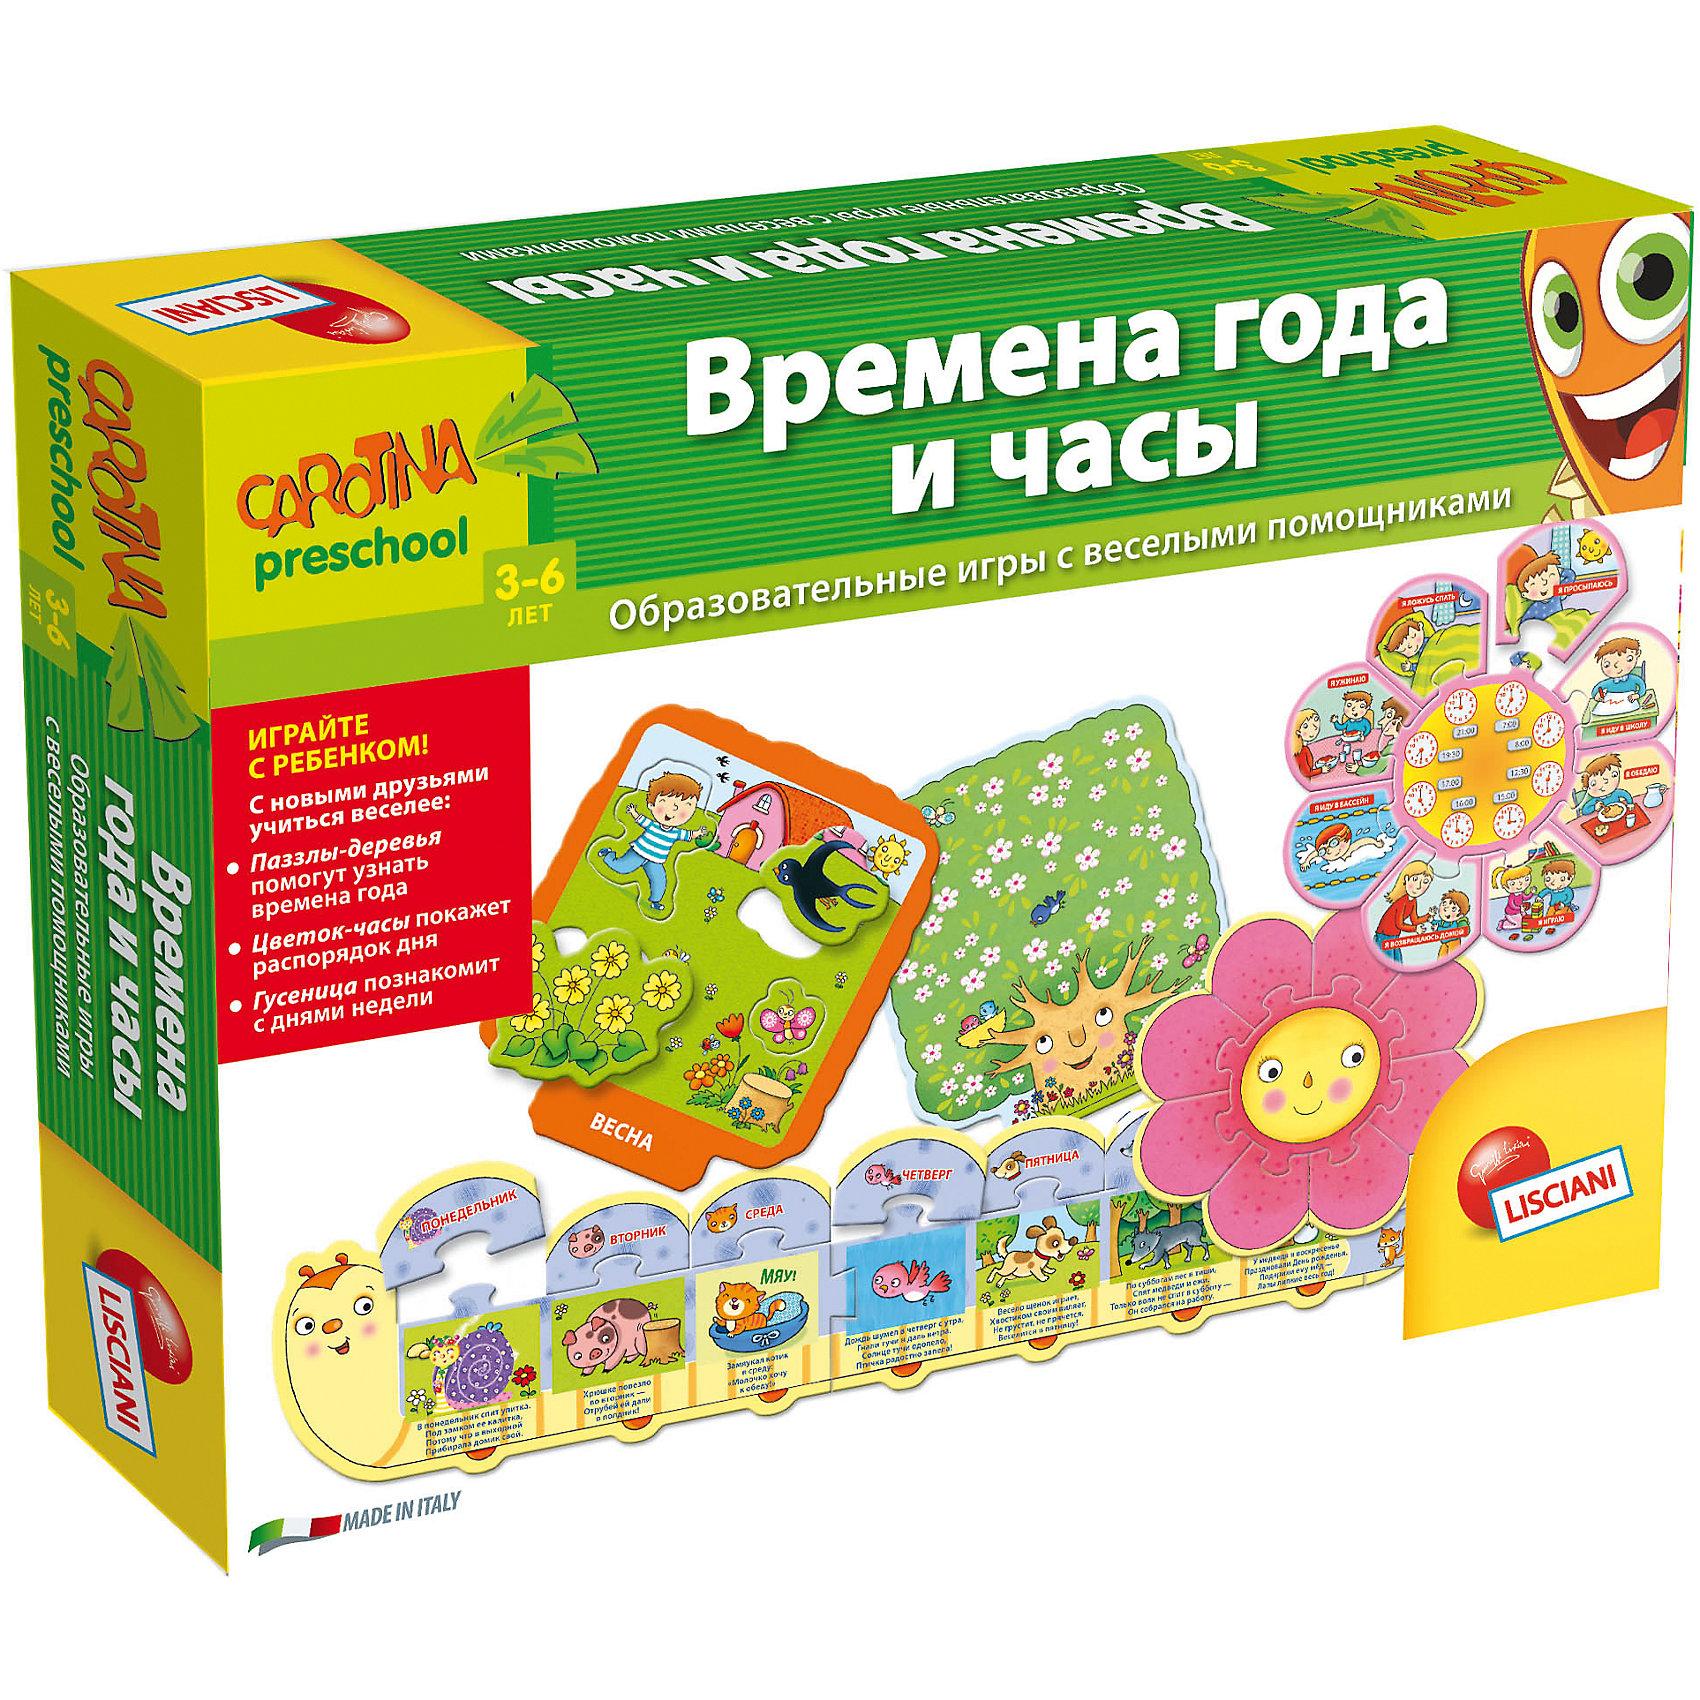 Обучающая игра Времена года и часы, LiscianiРазвивающие игры<br>Обучающая игра Времена года и часы, Lisciani<br><br>Характеристики:<br><br>• В набор входит: 3 игры с элементами, инструкция<br>• Размер упаковки: 35х5х25,5 см.<br>• Состав: картон, бумага<br>• Вес: 680 г.<br>• Для детей в возрасте: от 3 лет<br>• Страна производитель: Италия<br><br>Яркие четыре дерева включают в себя детали с тематикой времён года. Весёлая гусеница из трёх деталей прикрепляет к себе семь дней недели, теперь их запомнить так легко! Цветочек расскажет о часах и что в какое время делают дети. Игры помогут увеличить словарный запас ребёнка в непринуждённой обстановке. <br><br>Обучающую игру Времена года и часы, Lisciani можно купить в нашем интернет-магазине.<br><br>Ширина мм: 255<br>Глубина мм: 345<br>Высота мм: 48<br>Вес г: 682<br>Возраст от месяцев: 36<br>Возраст до месяцев: 2147483647<br>Пол: Унисекс<br>Возраст: Детский<br>SKU: 5522885